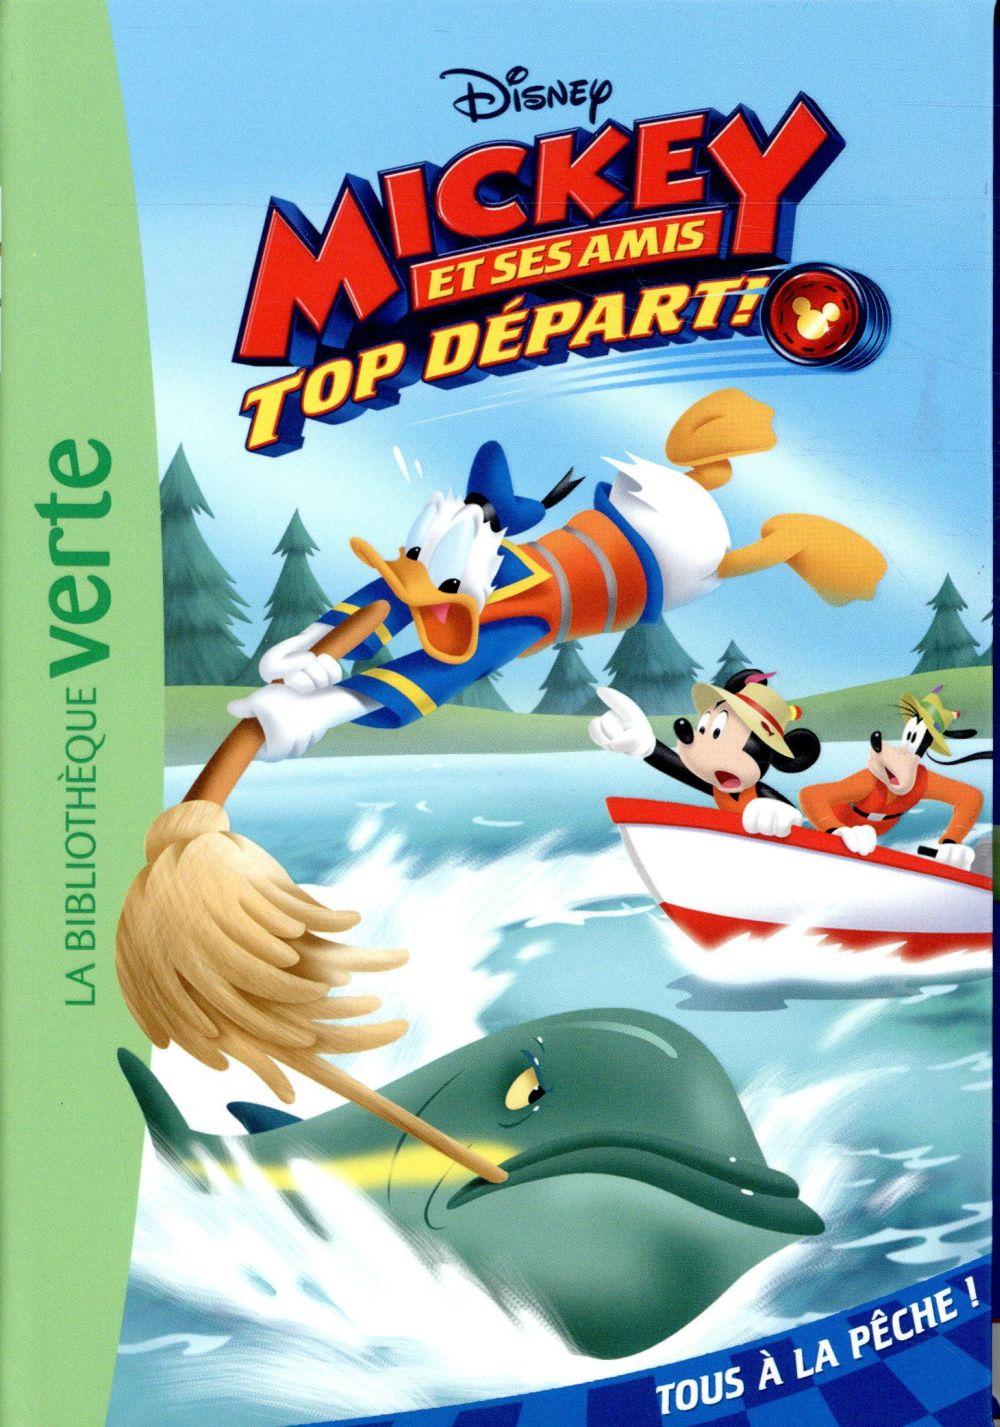 Mickey et ses amis, top depart ! - t02 - mickey et ses amis, top depart ! 02 - tous a la peche !